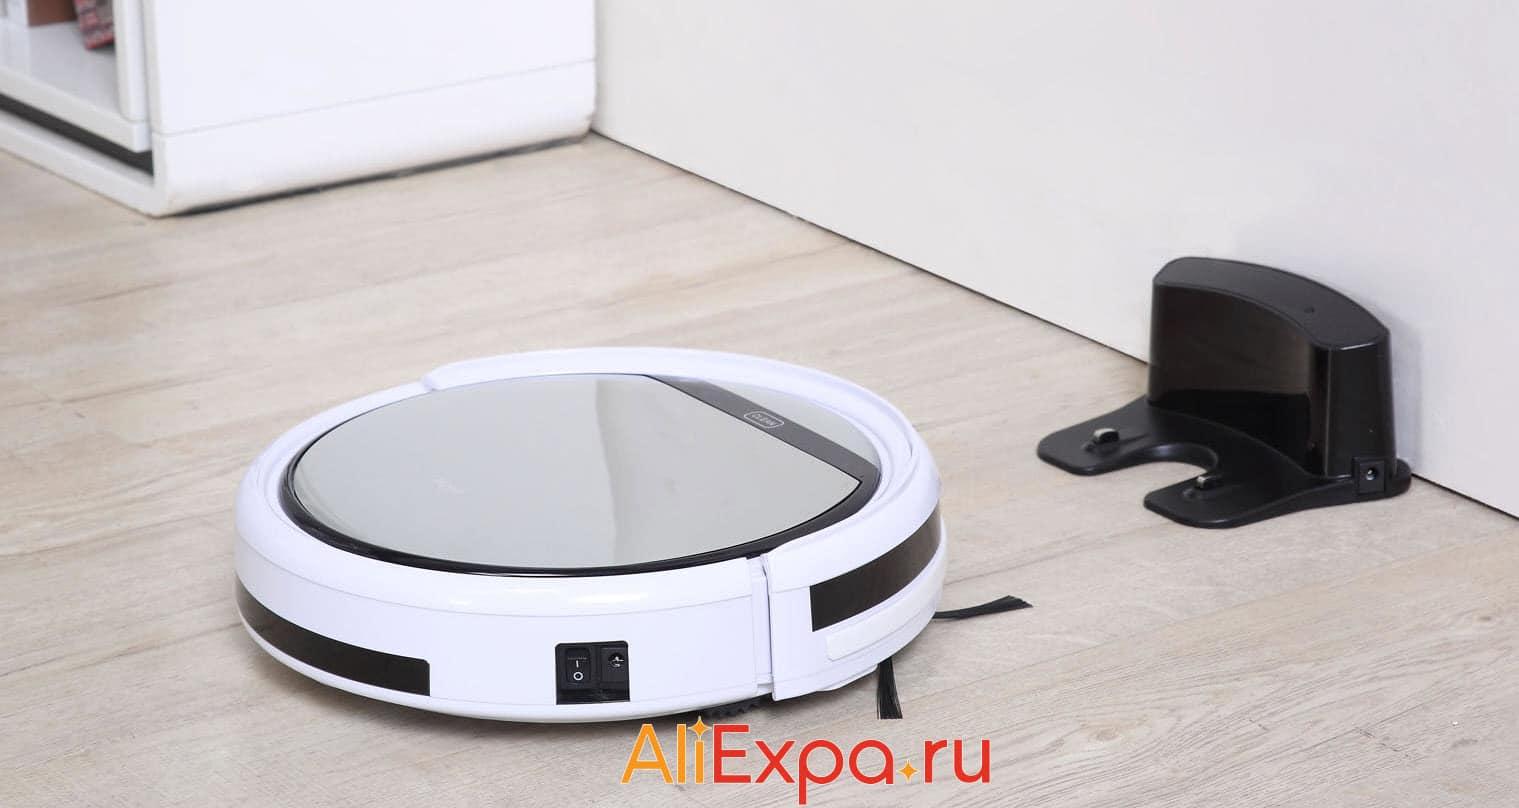 Робот-пылесос ILIFE V50 для сухой уборки | Товары для уборки дома